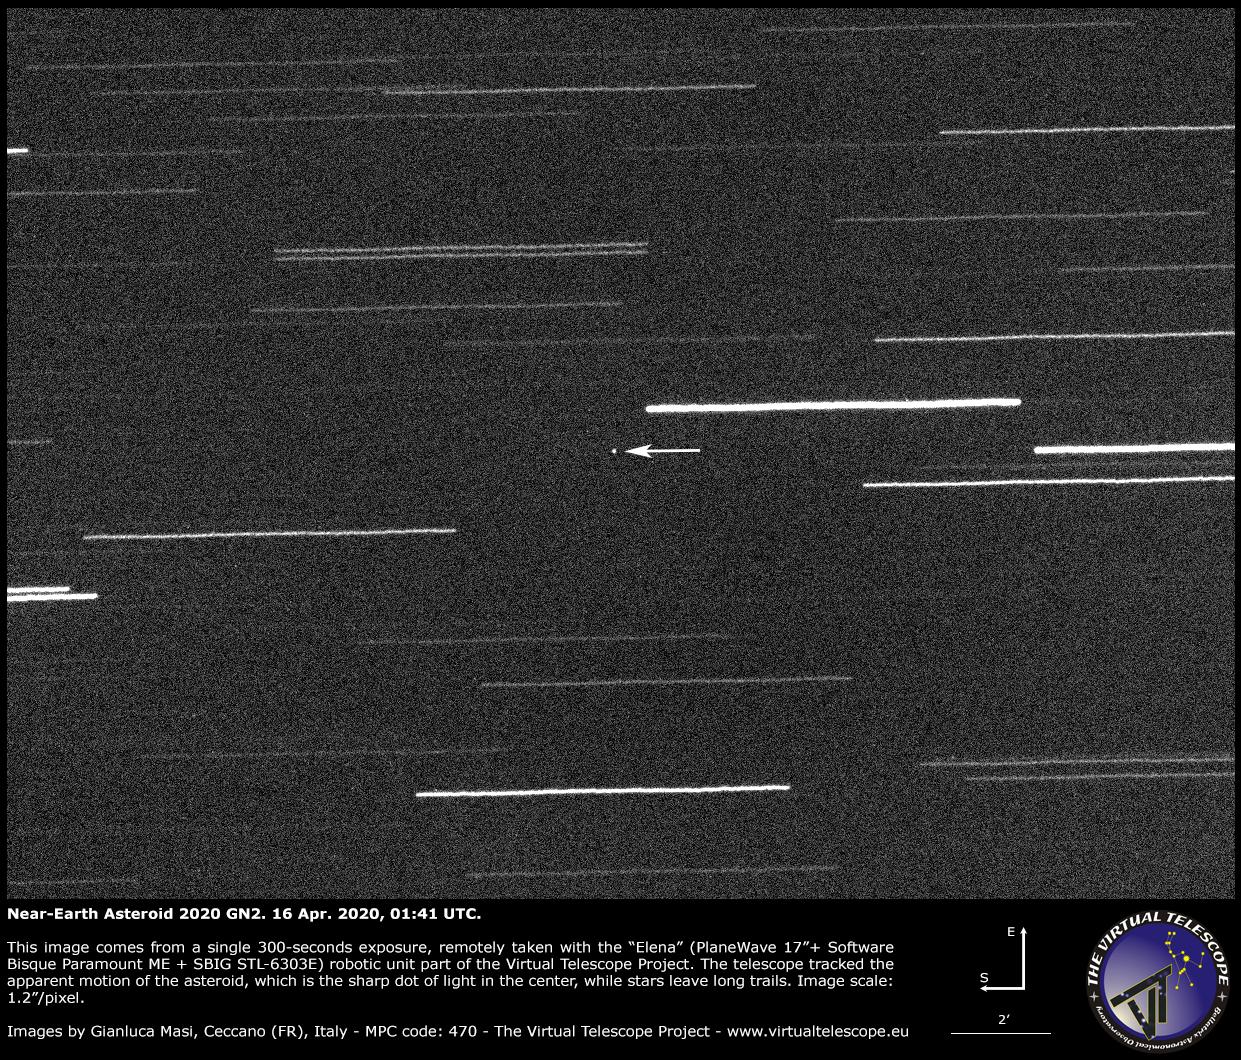 Near-Earth Asteroid 2020 GN2. 16 Apr. 2020, 22:44 UTC.